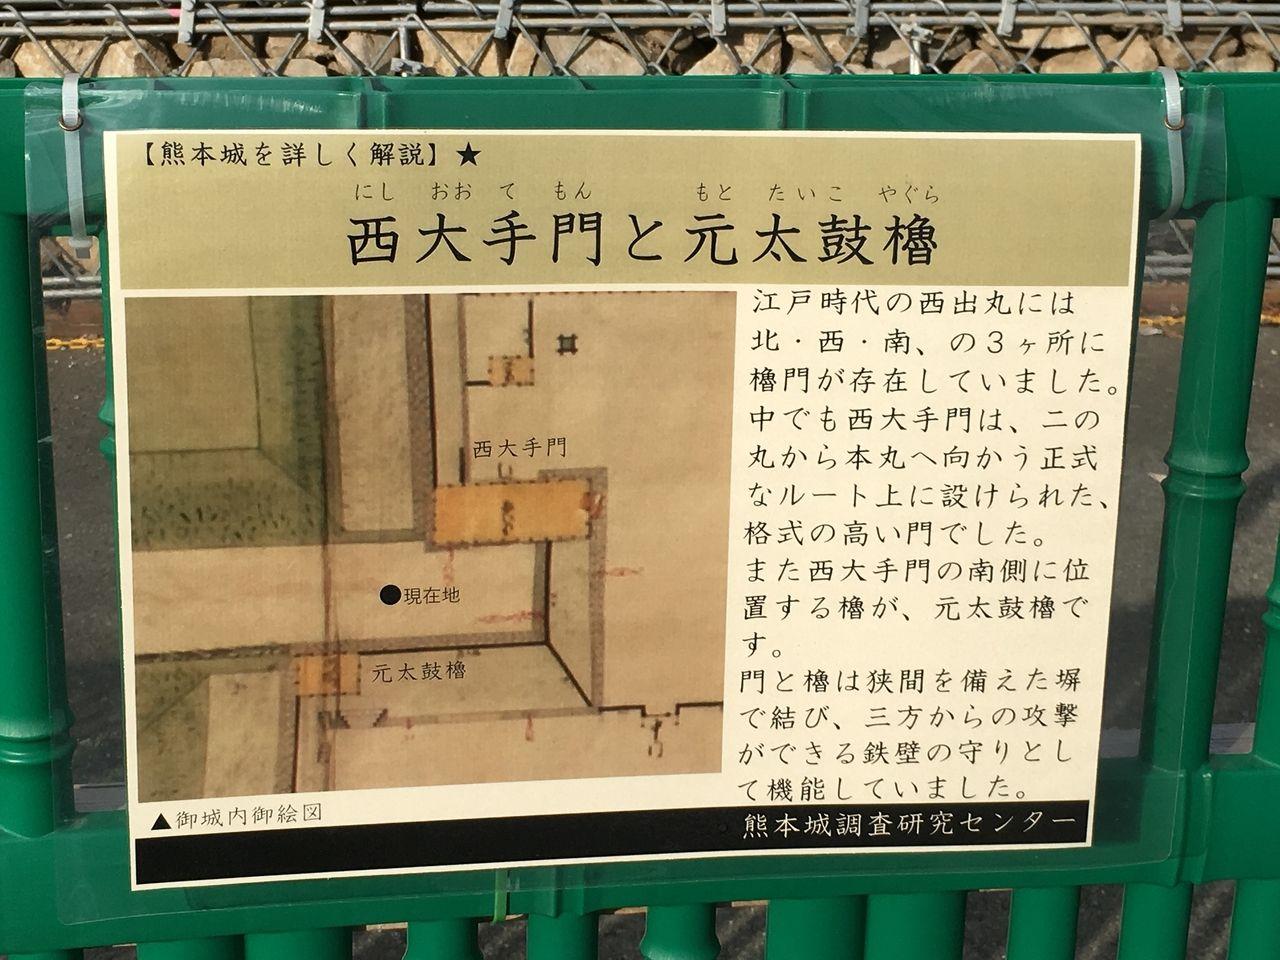 西大手門と元太鼓櫓の説明